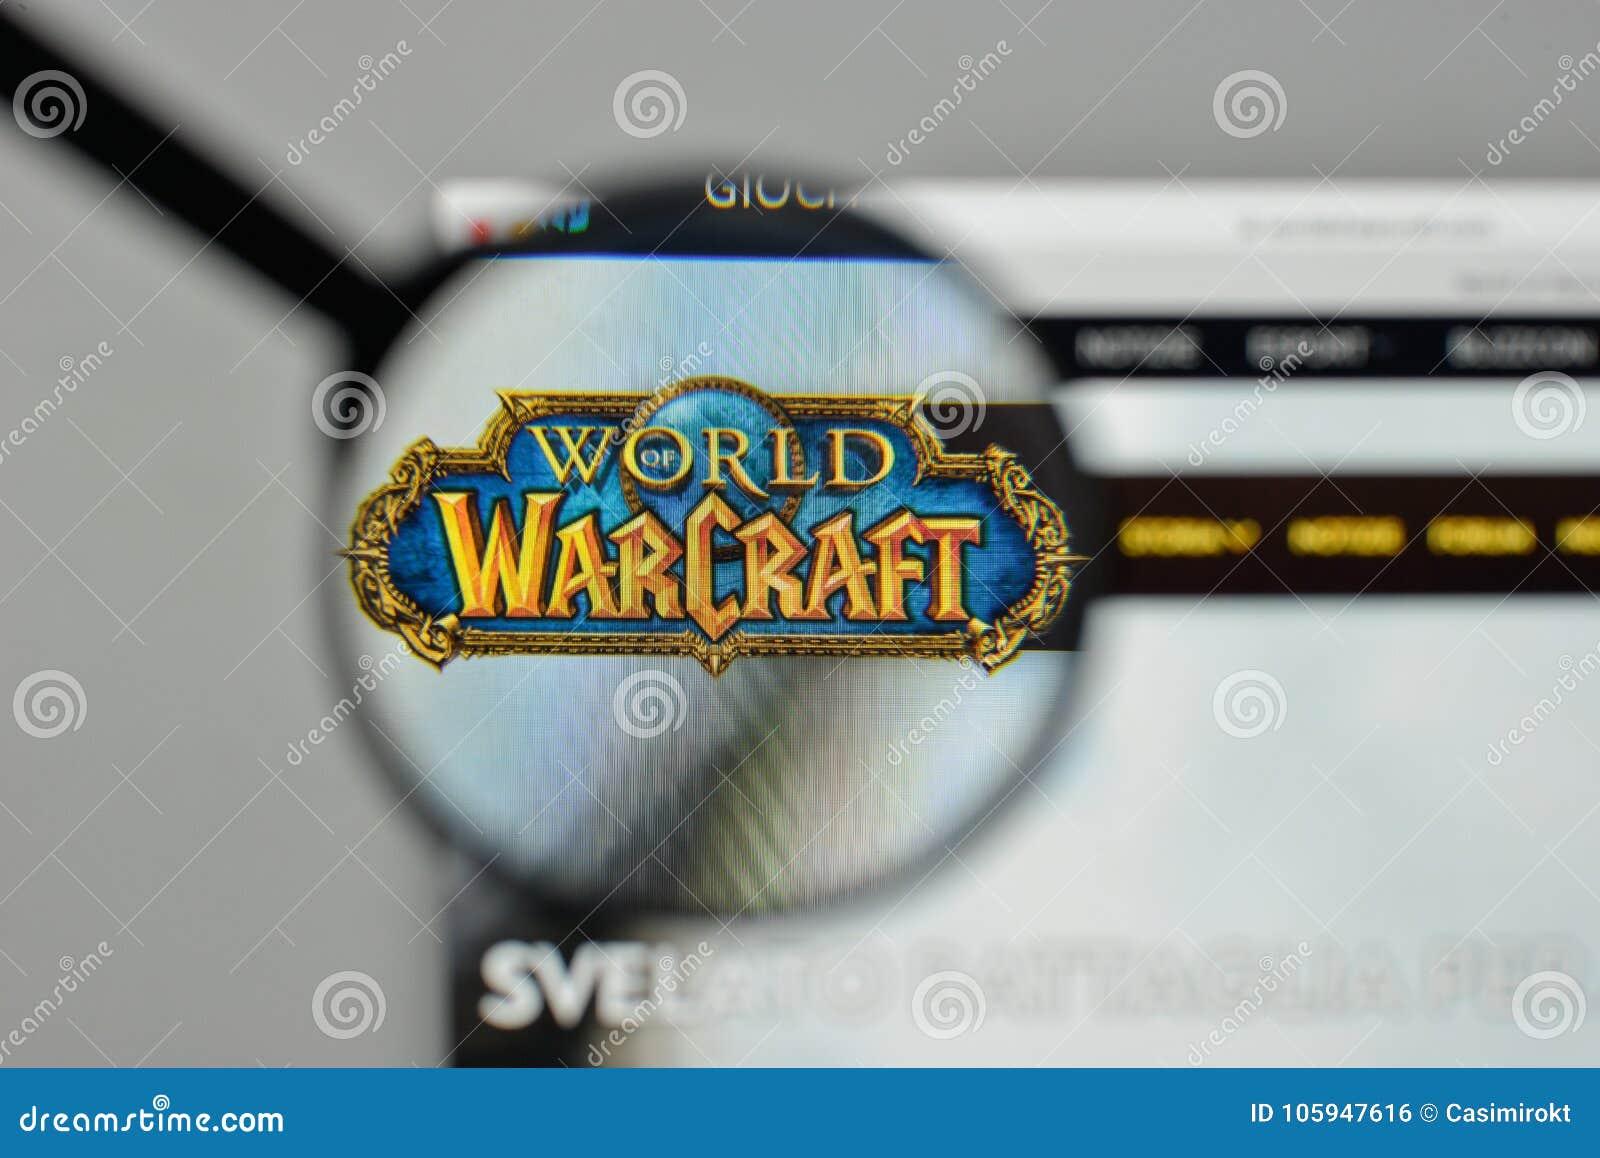 That world warcraft logo good